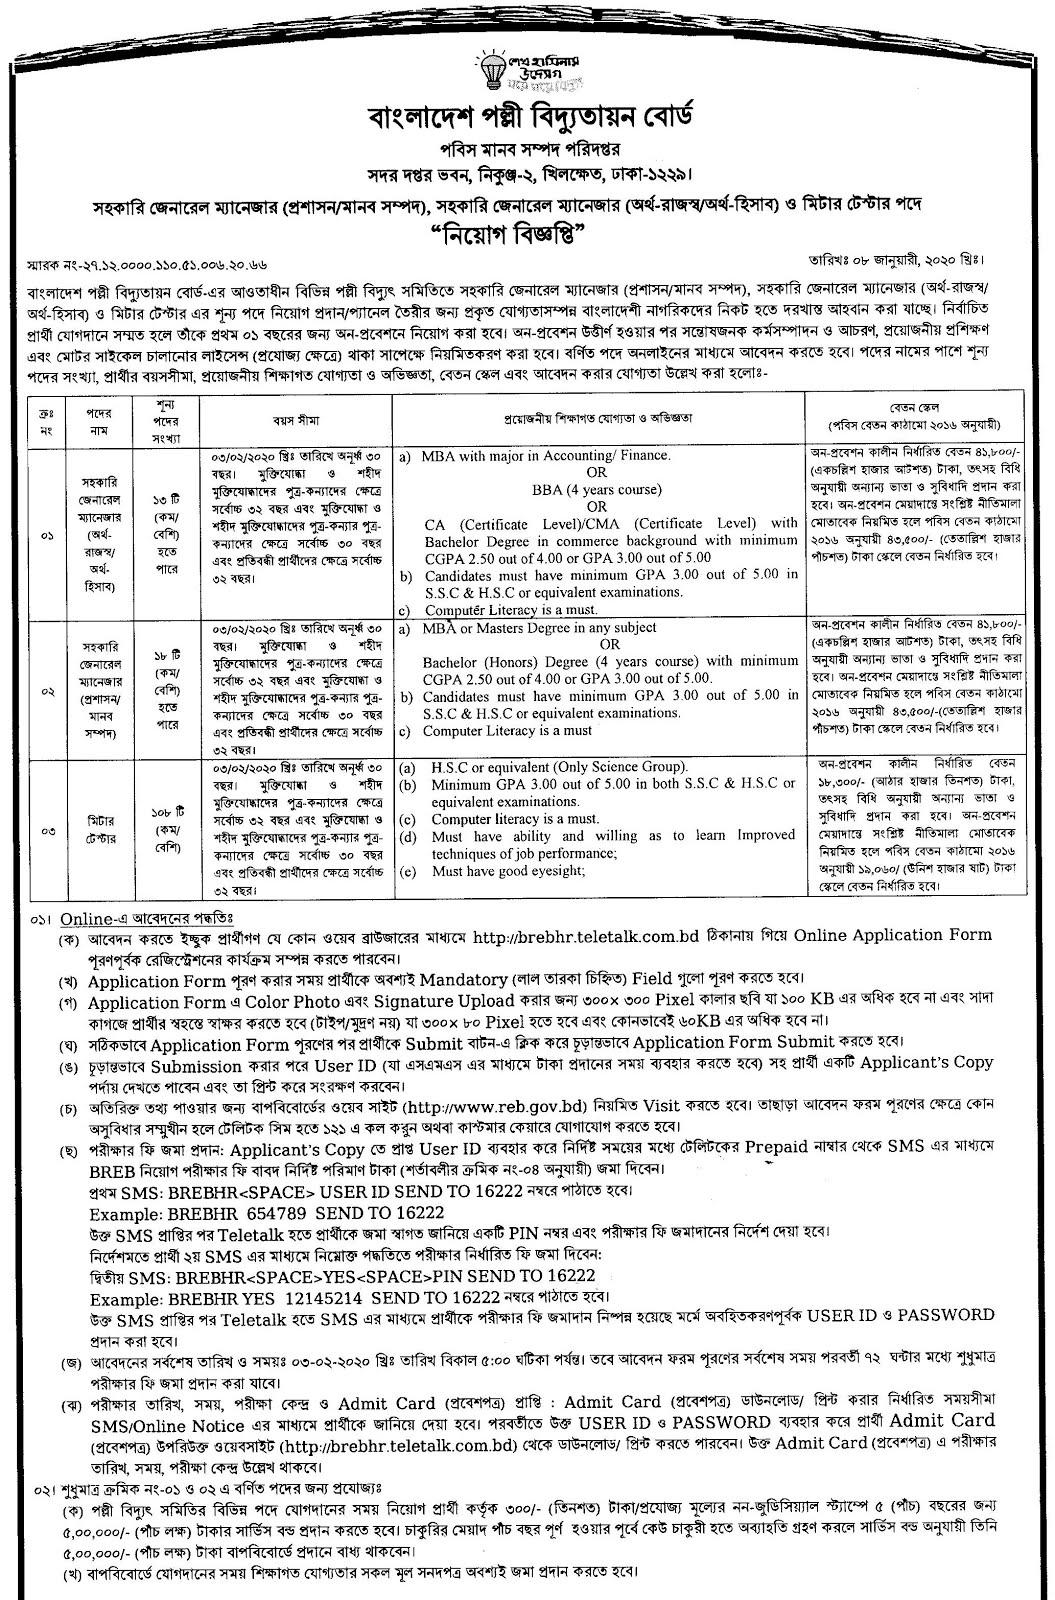 বাংলাদেশ পল্লী বিদ্যুতায়ন বোর্ডে নিয়োগ বিজ্ঞপ্তি - Bangladesh Rural Electrification Board Job Circular 2020